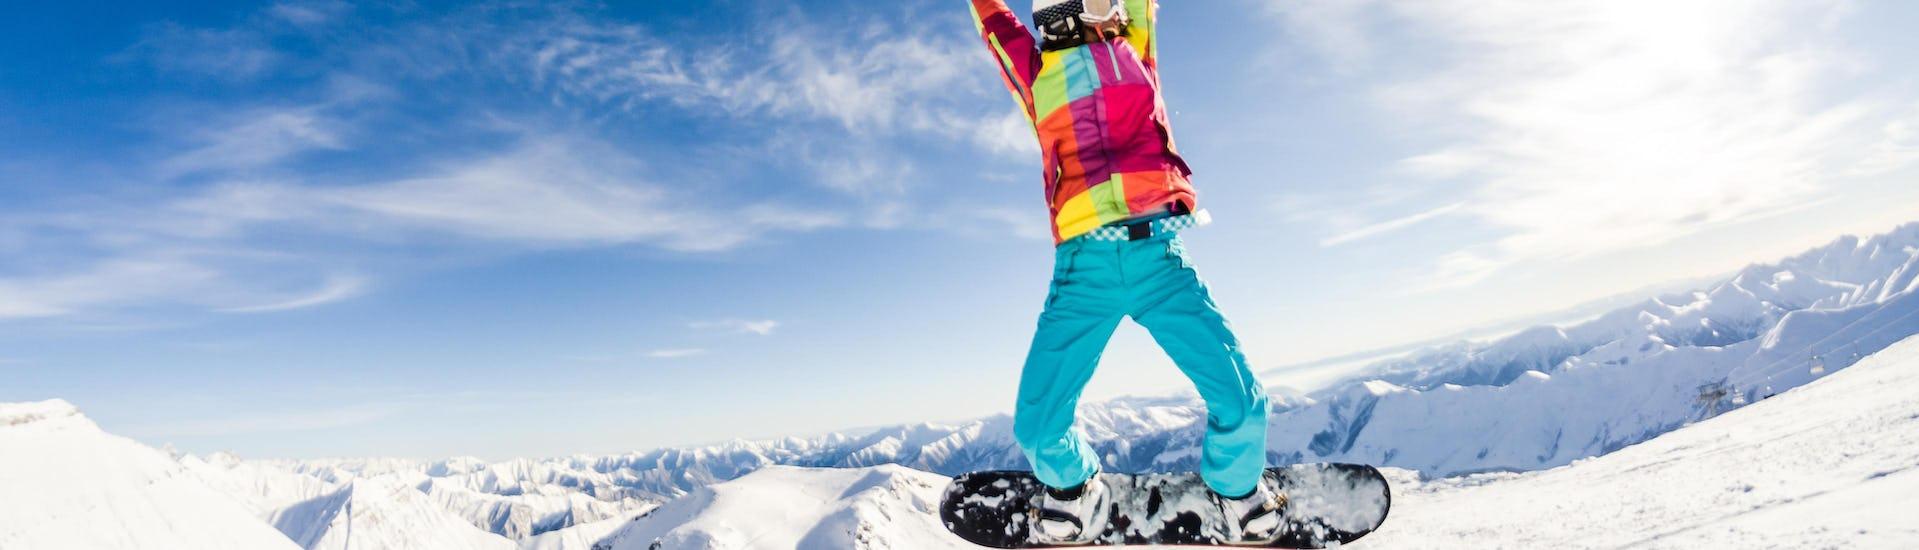 Snowboardkurs für Kinder - Anfänger